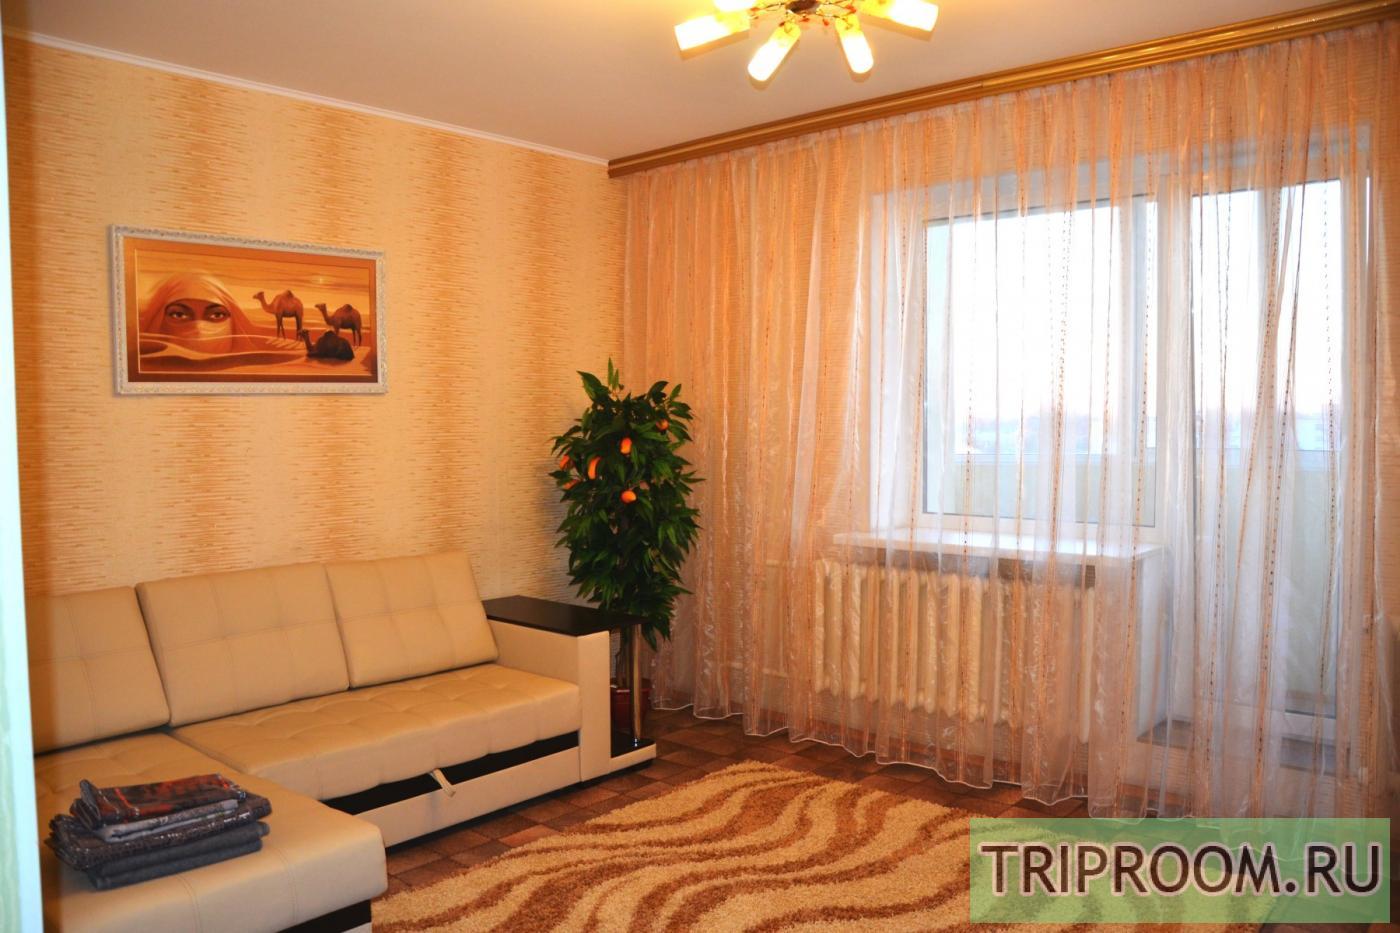 Снять двухкомнатную квартиру на сутки в доме с лифтом в поче.